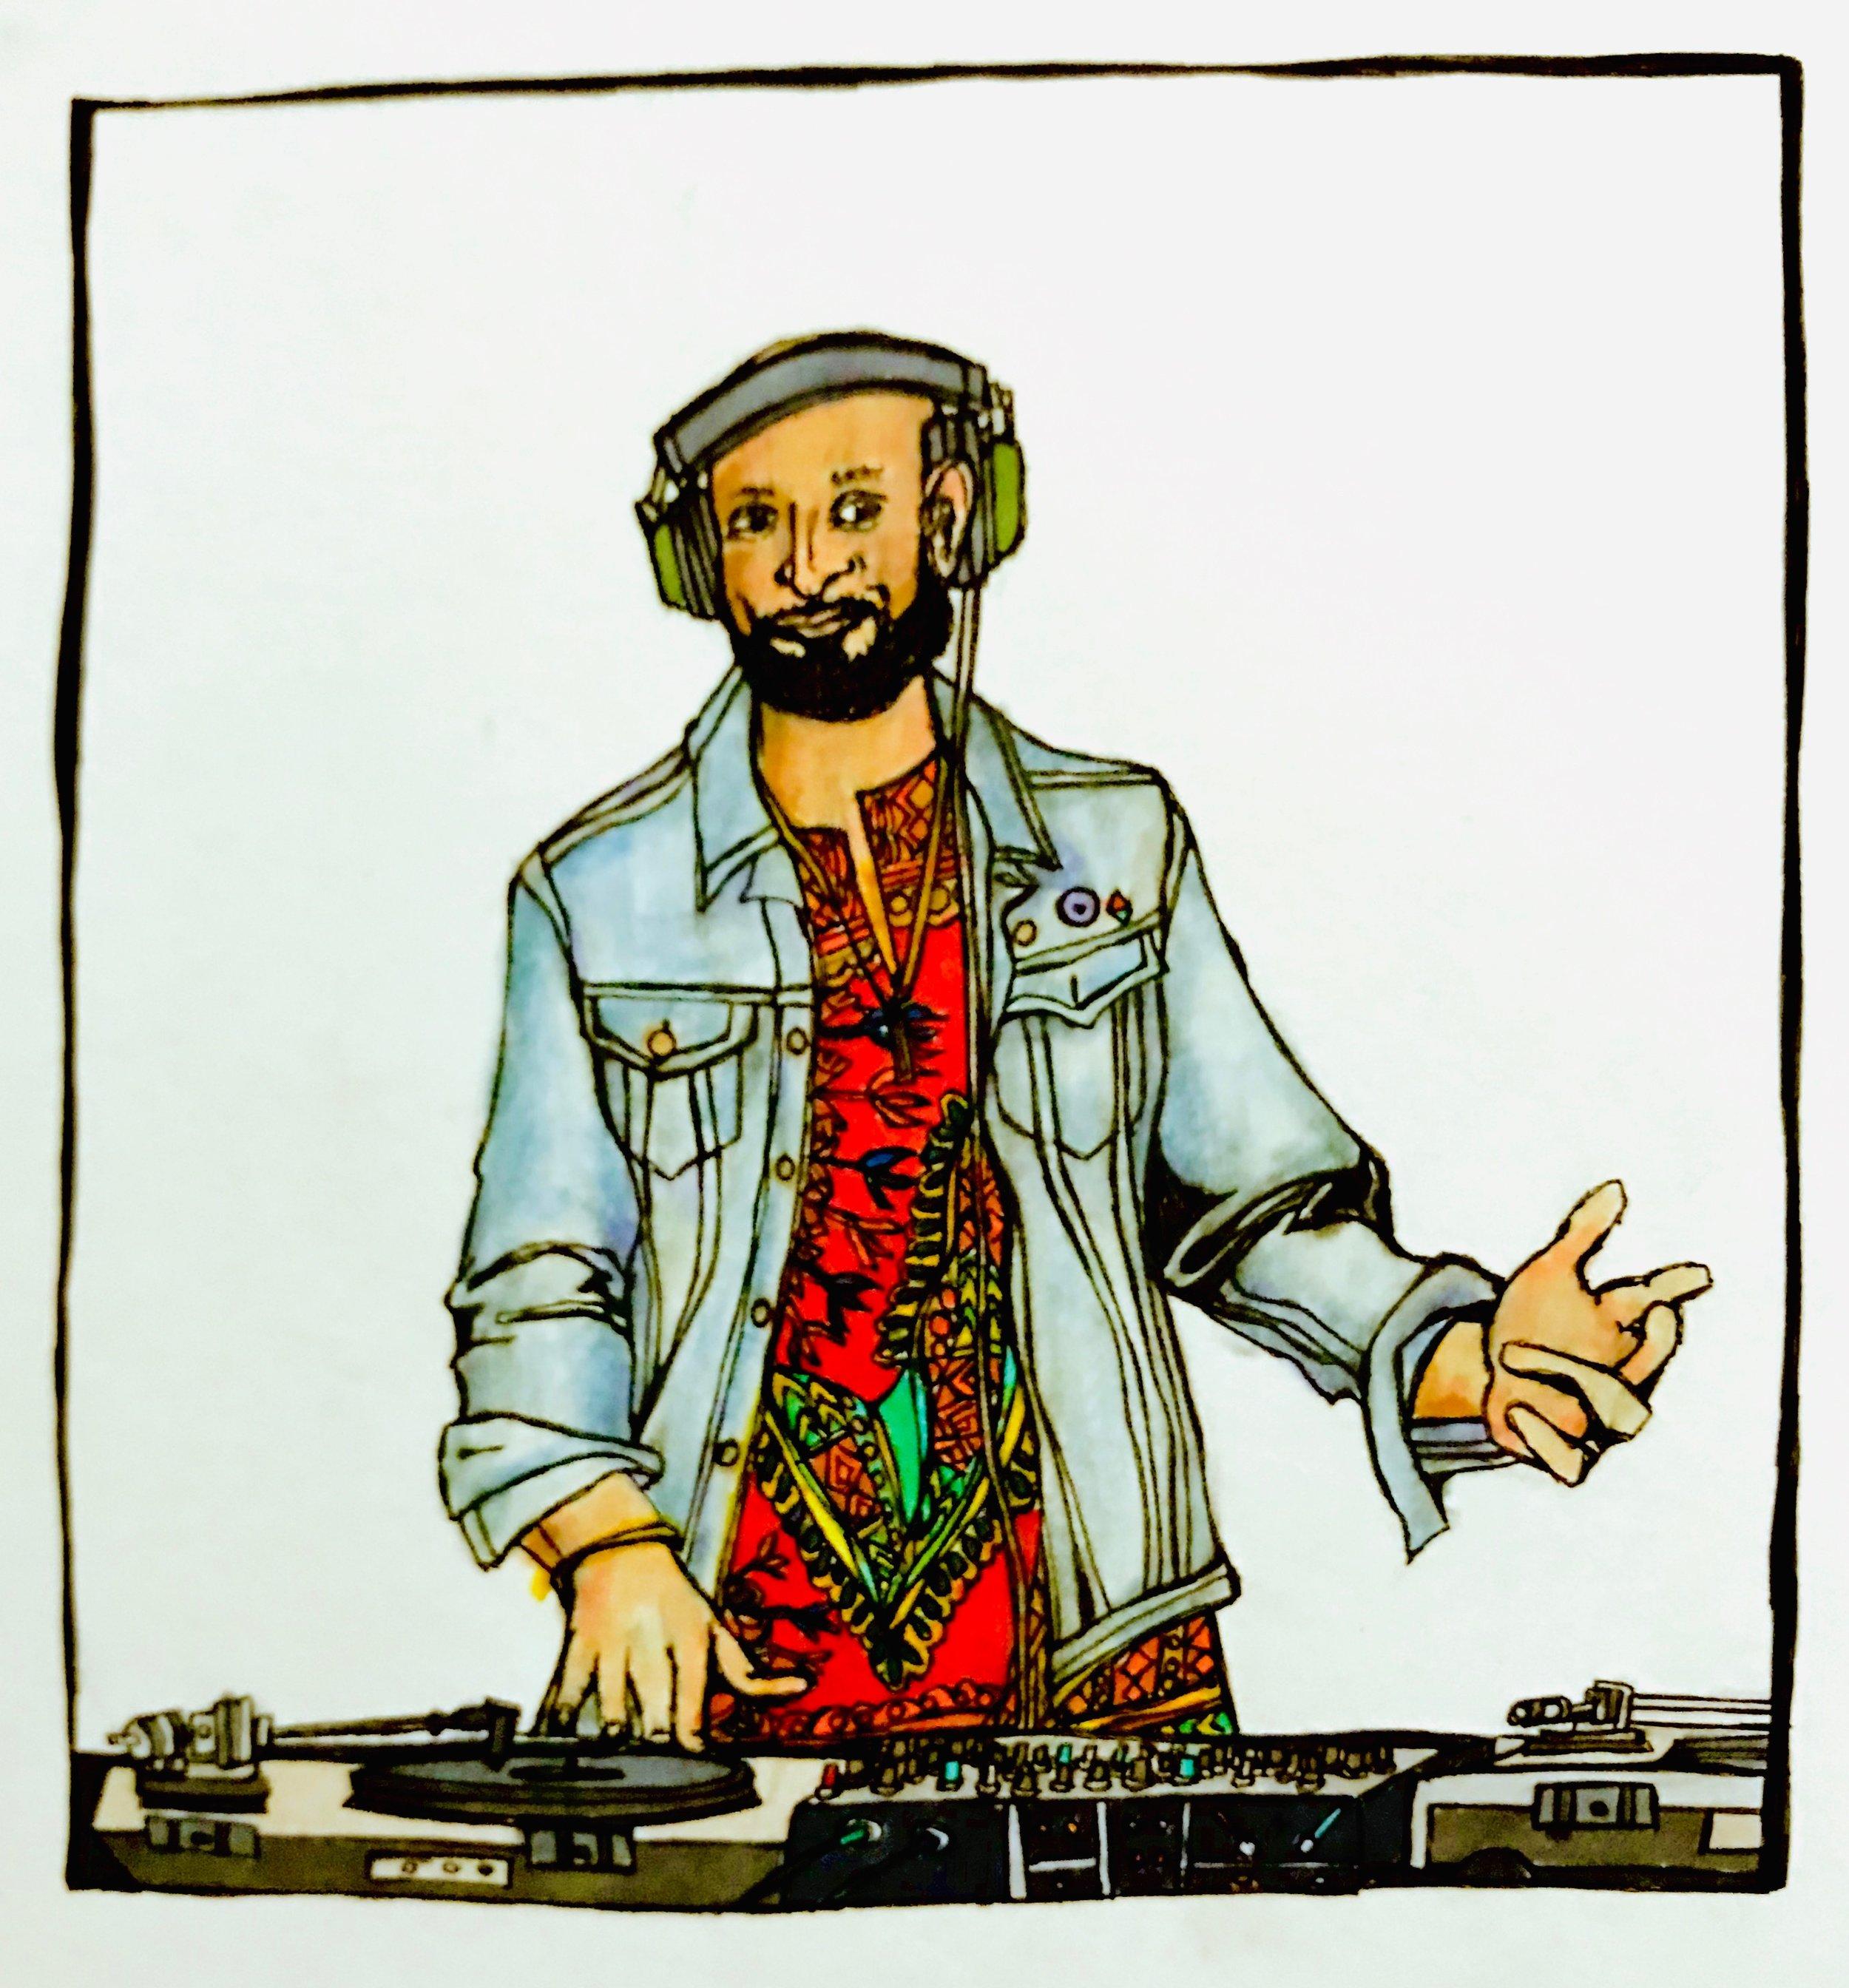 DJ Kwss